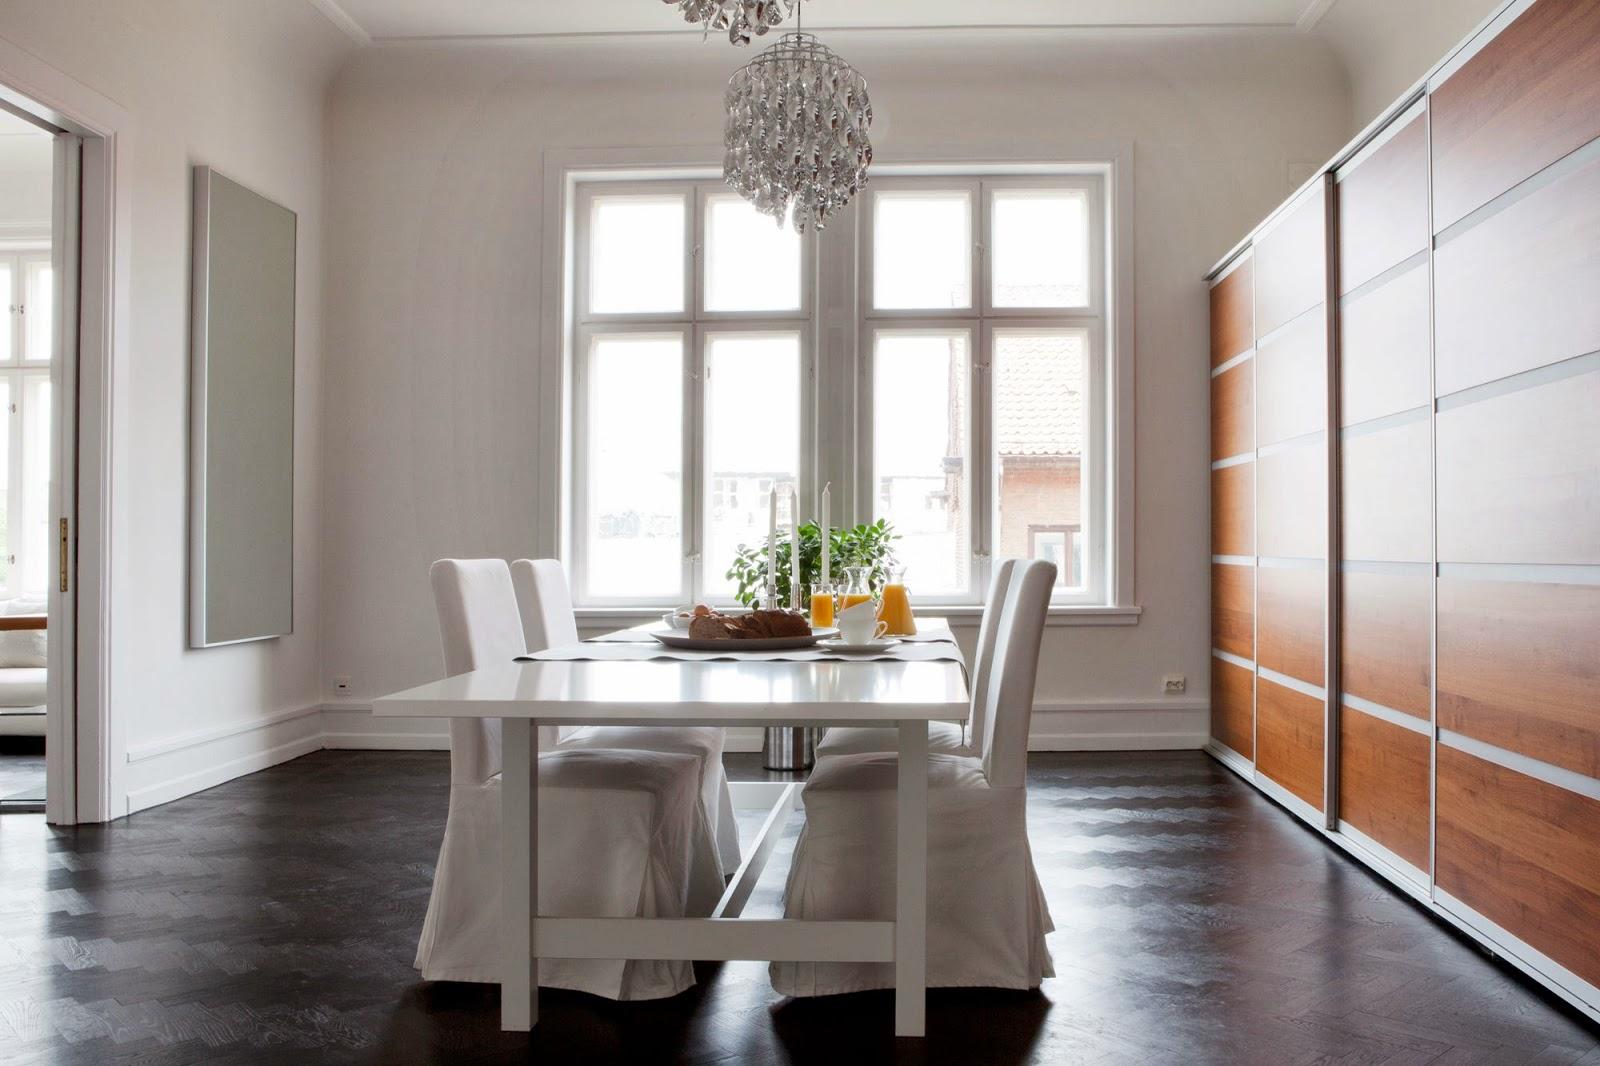 Wohnung Einrichten Dunkler Boden: Wohnzimmer gestalten tipps dumss ...